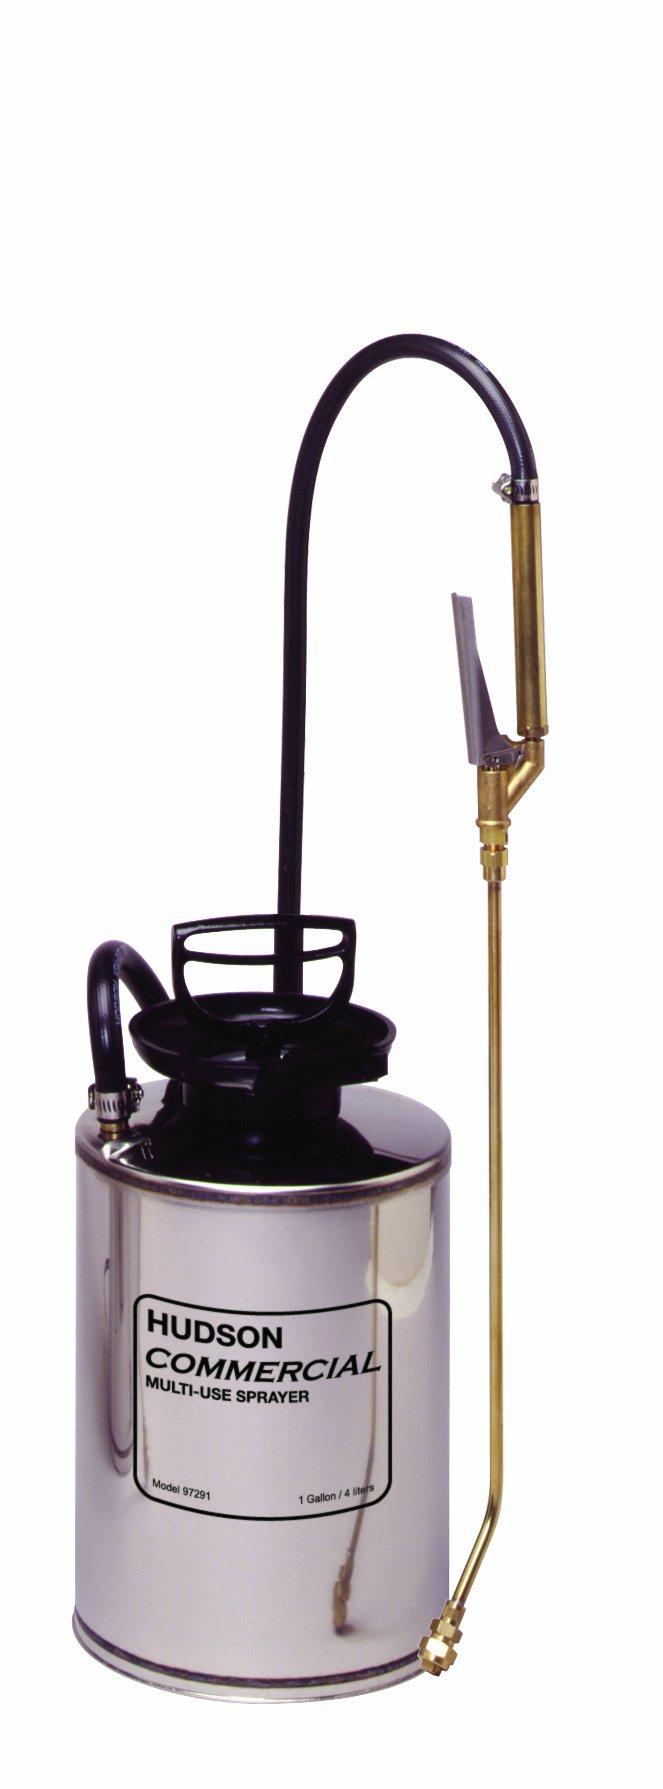 Hudson 97291 Commercial 1 Gallon Sprayer Stainless Steel